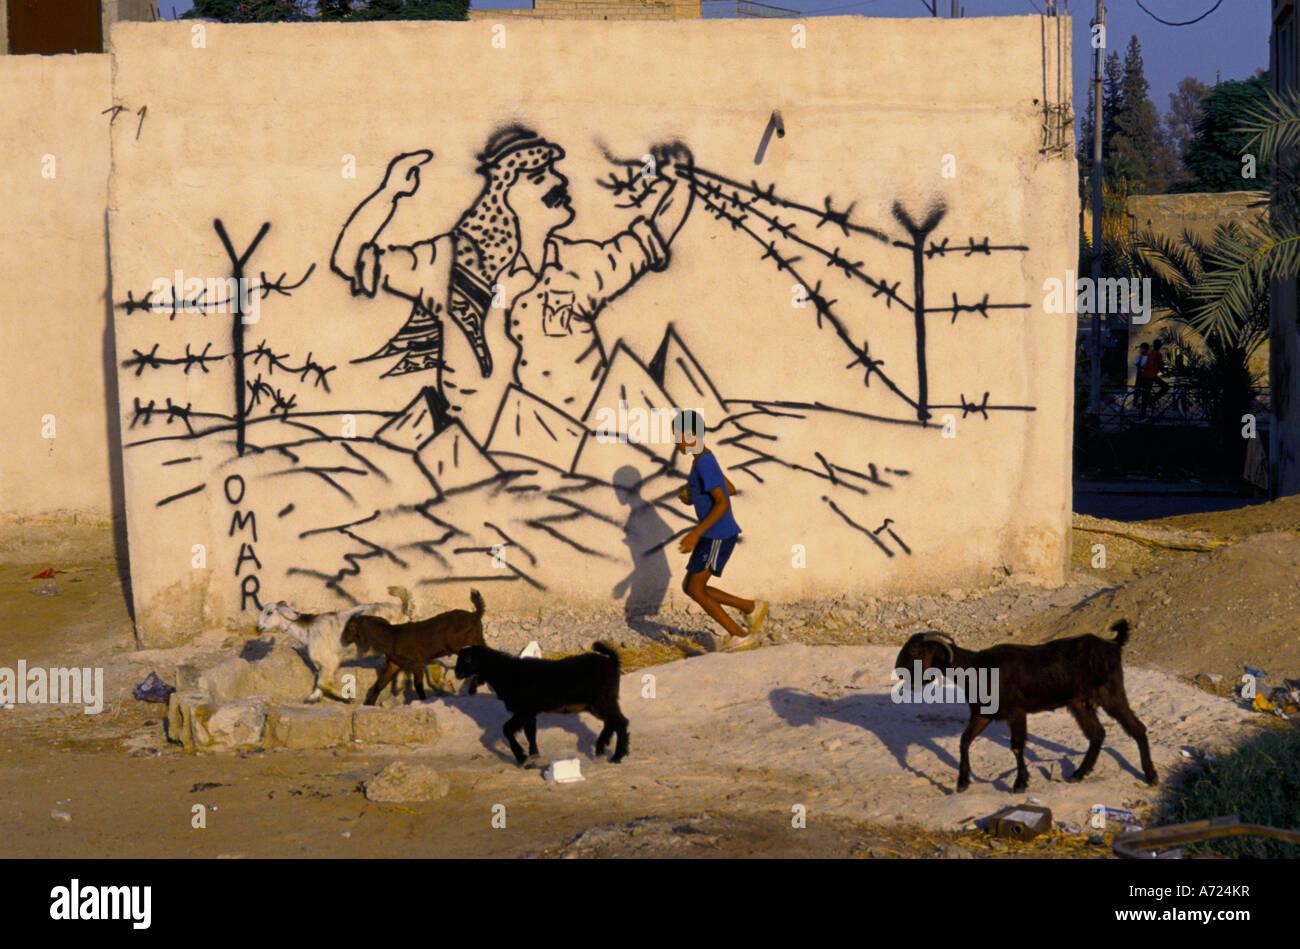 Perfect Palestine Wall Art Frieze - The Wall Art Decorations ...